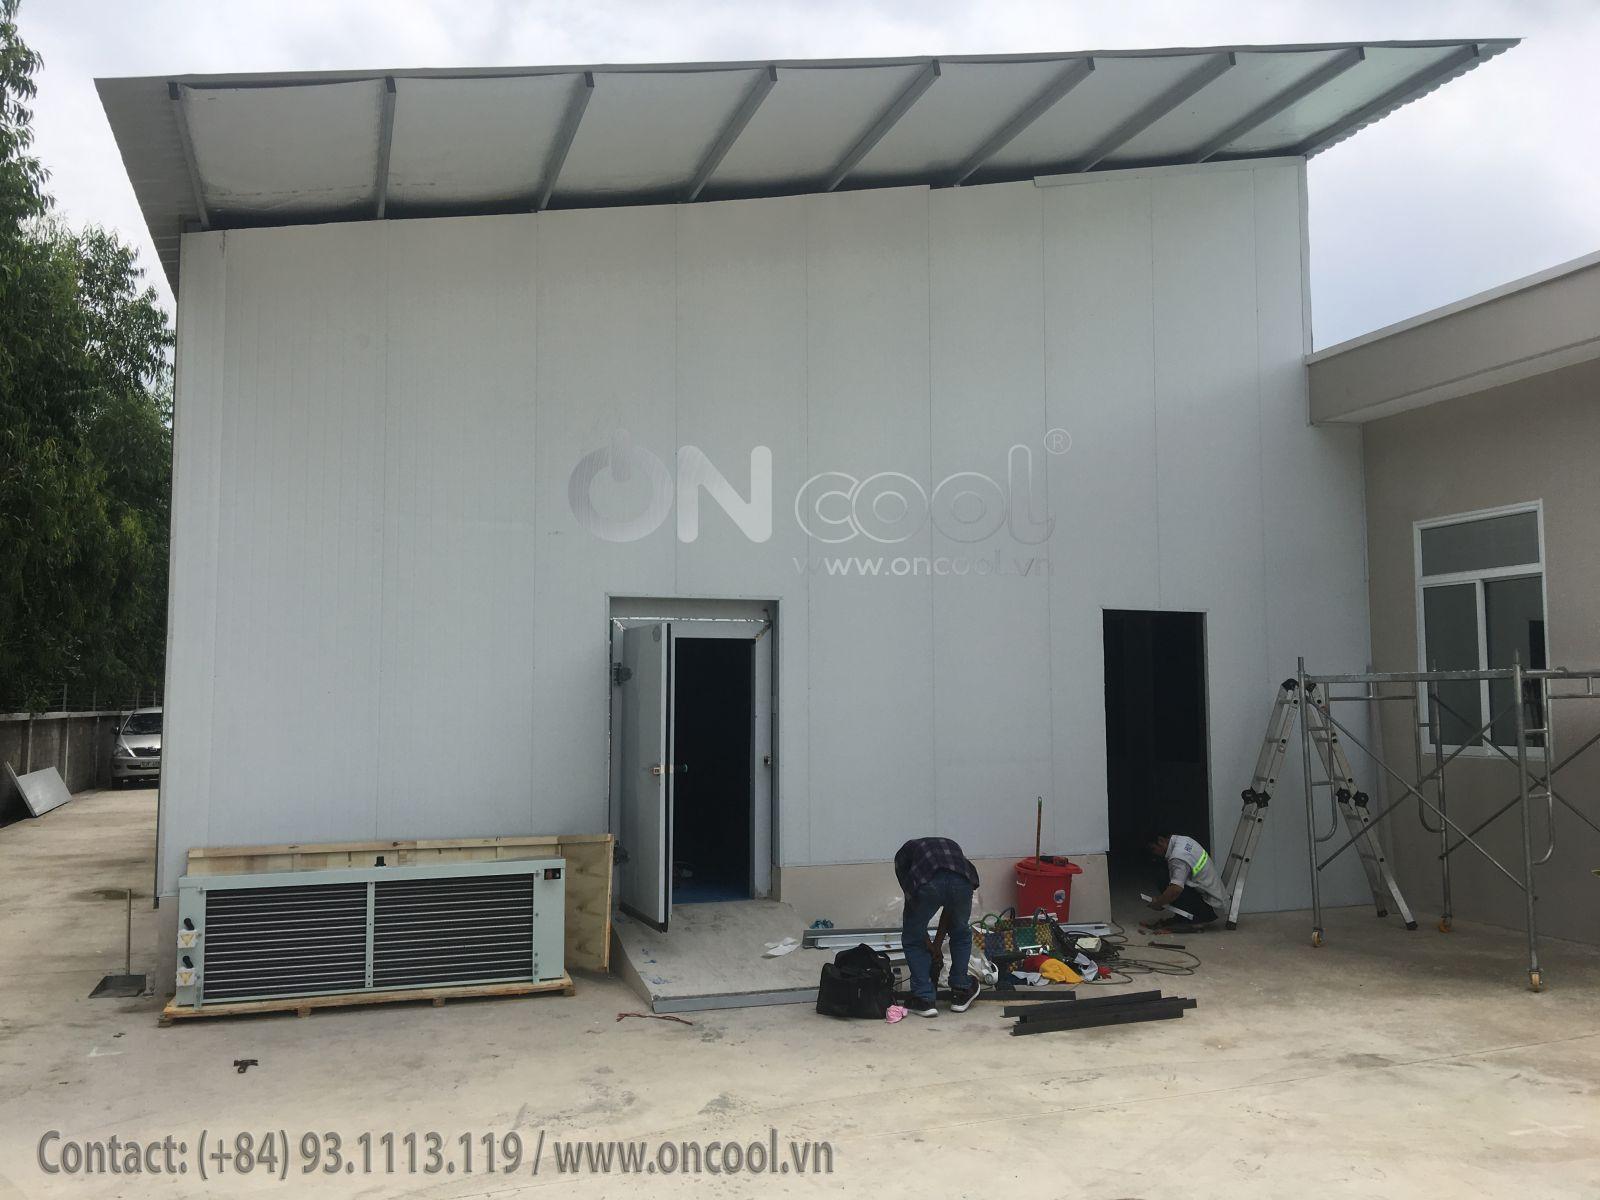 Thi công kho lạnh tại tỉnh Tiền Giang